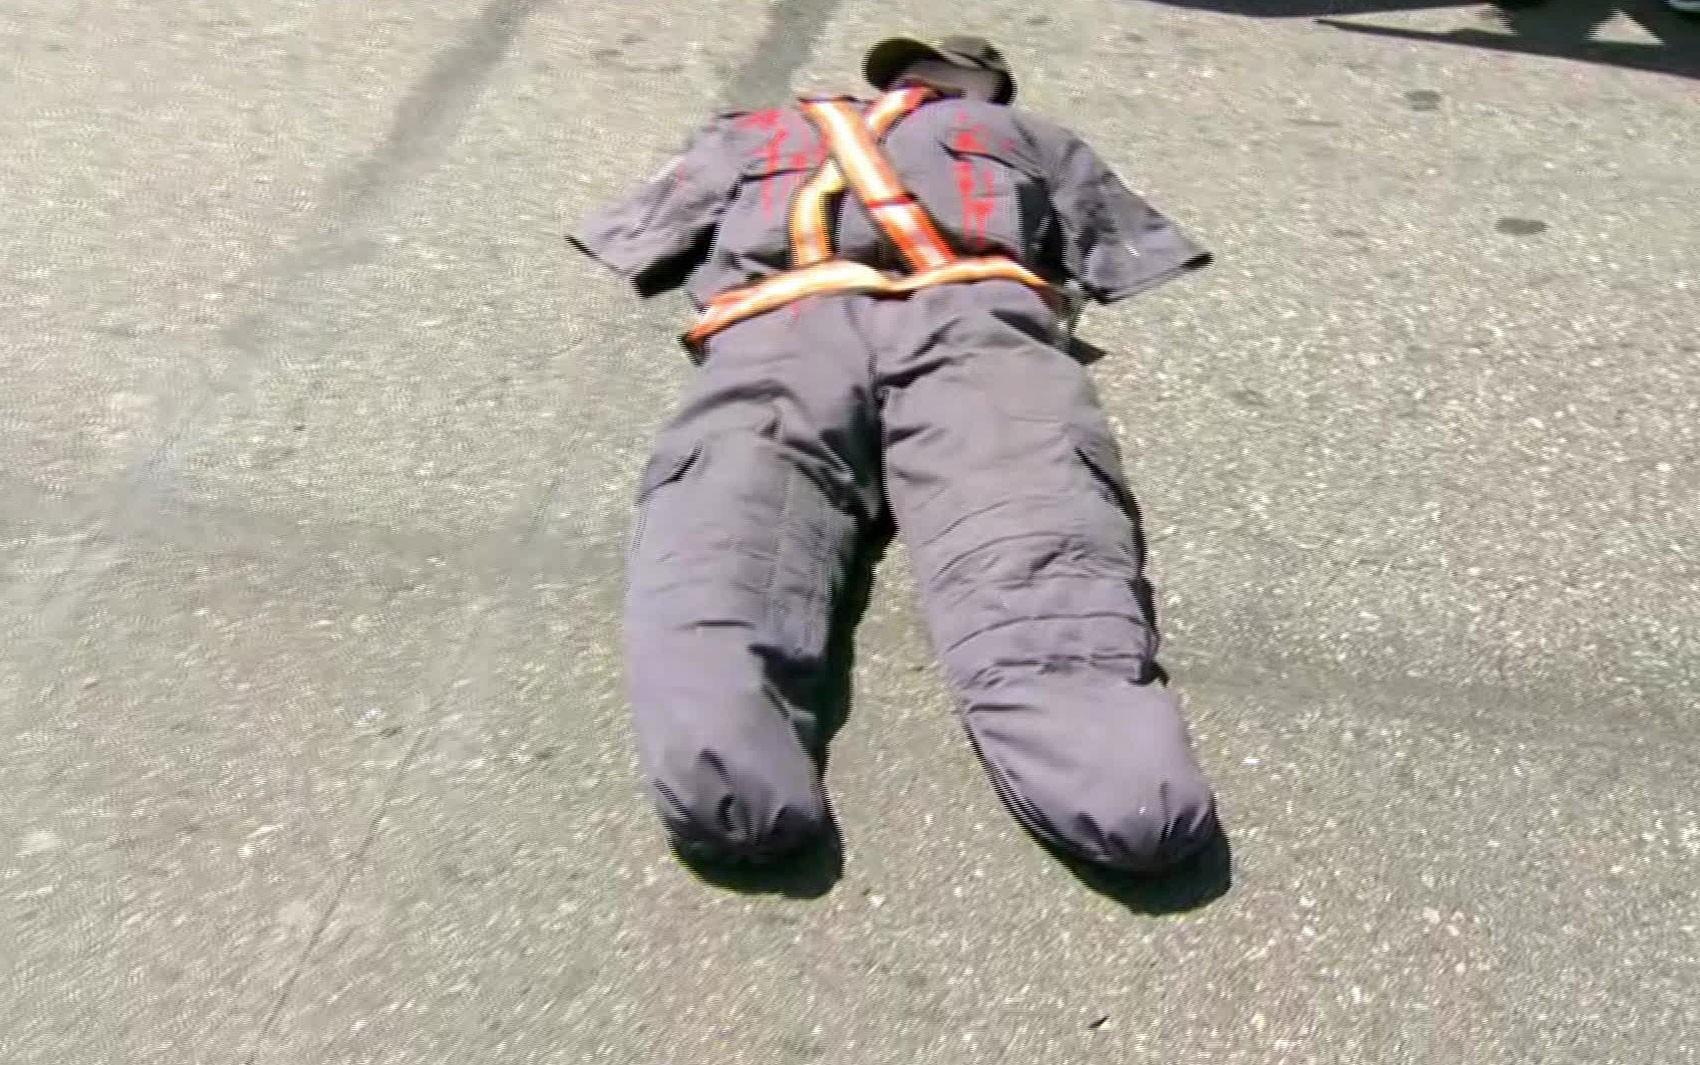 Familiares de policiais mortos no RJ fazem protesto em Copacabana